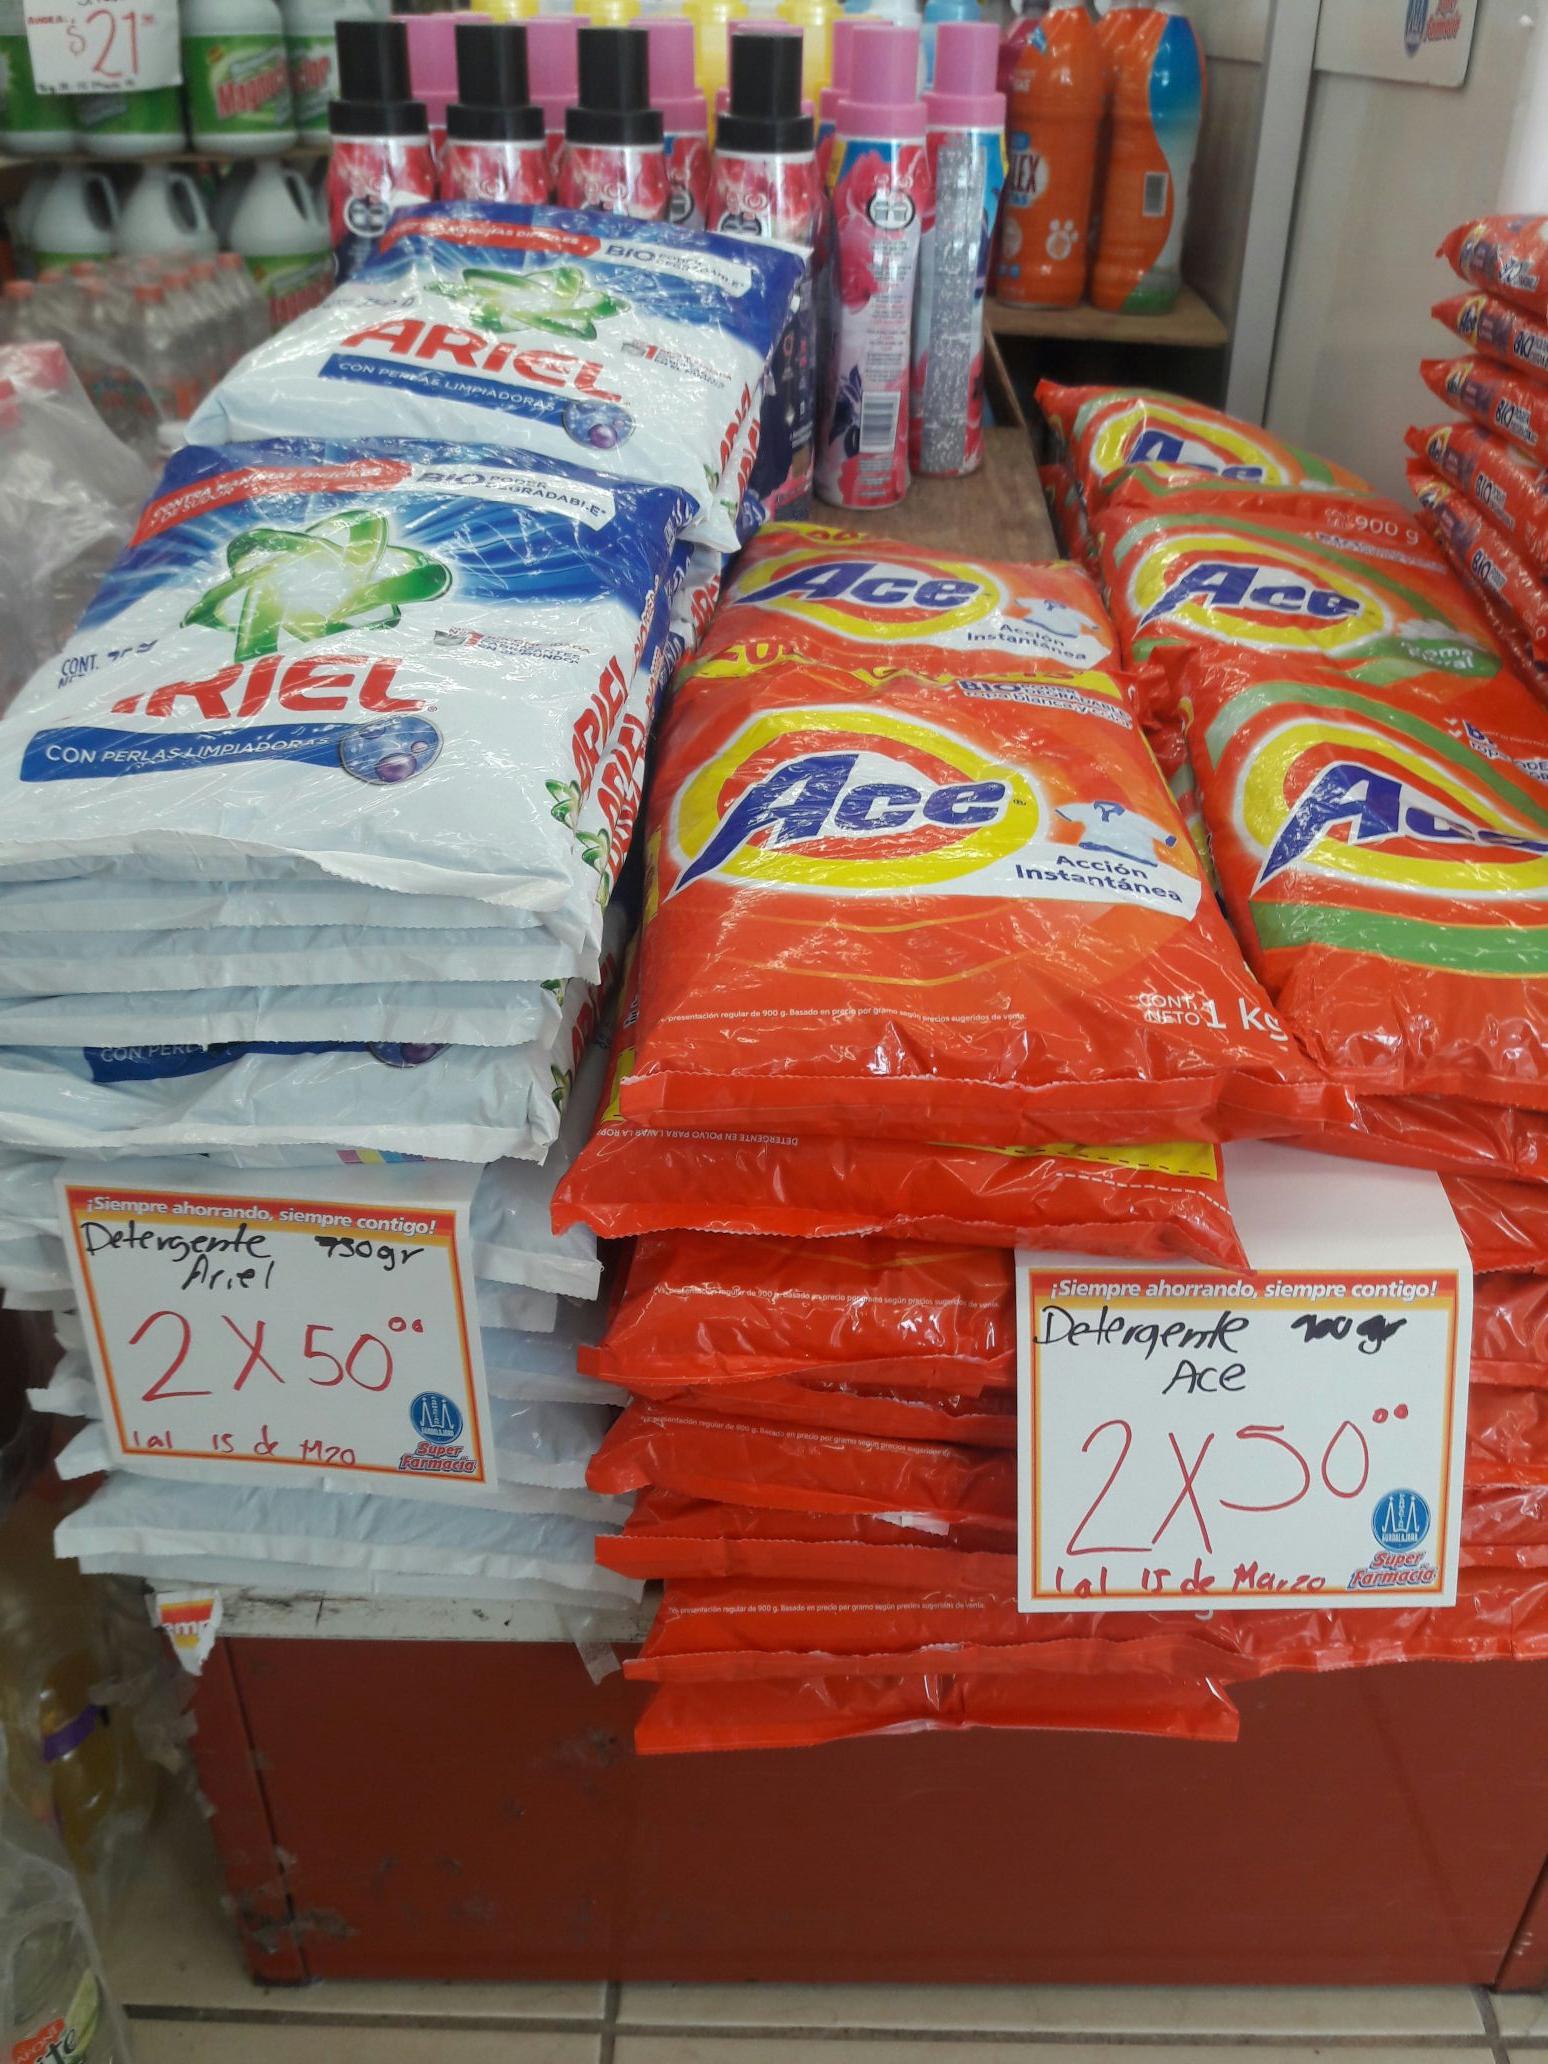 Farmacia Guadalajaras: Detergente Ariel 750gr y Ace 800+200